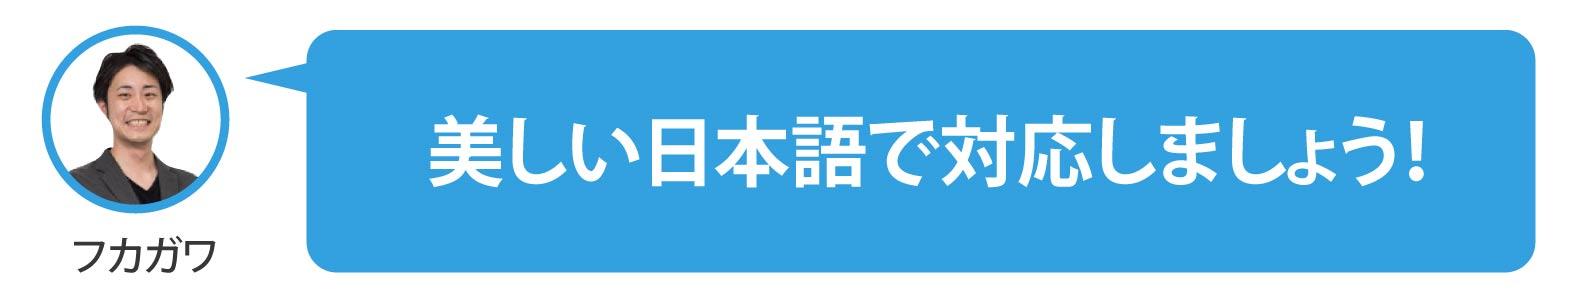 美しい日本語で対応しましょ